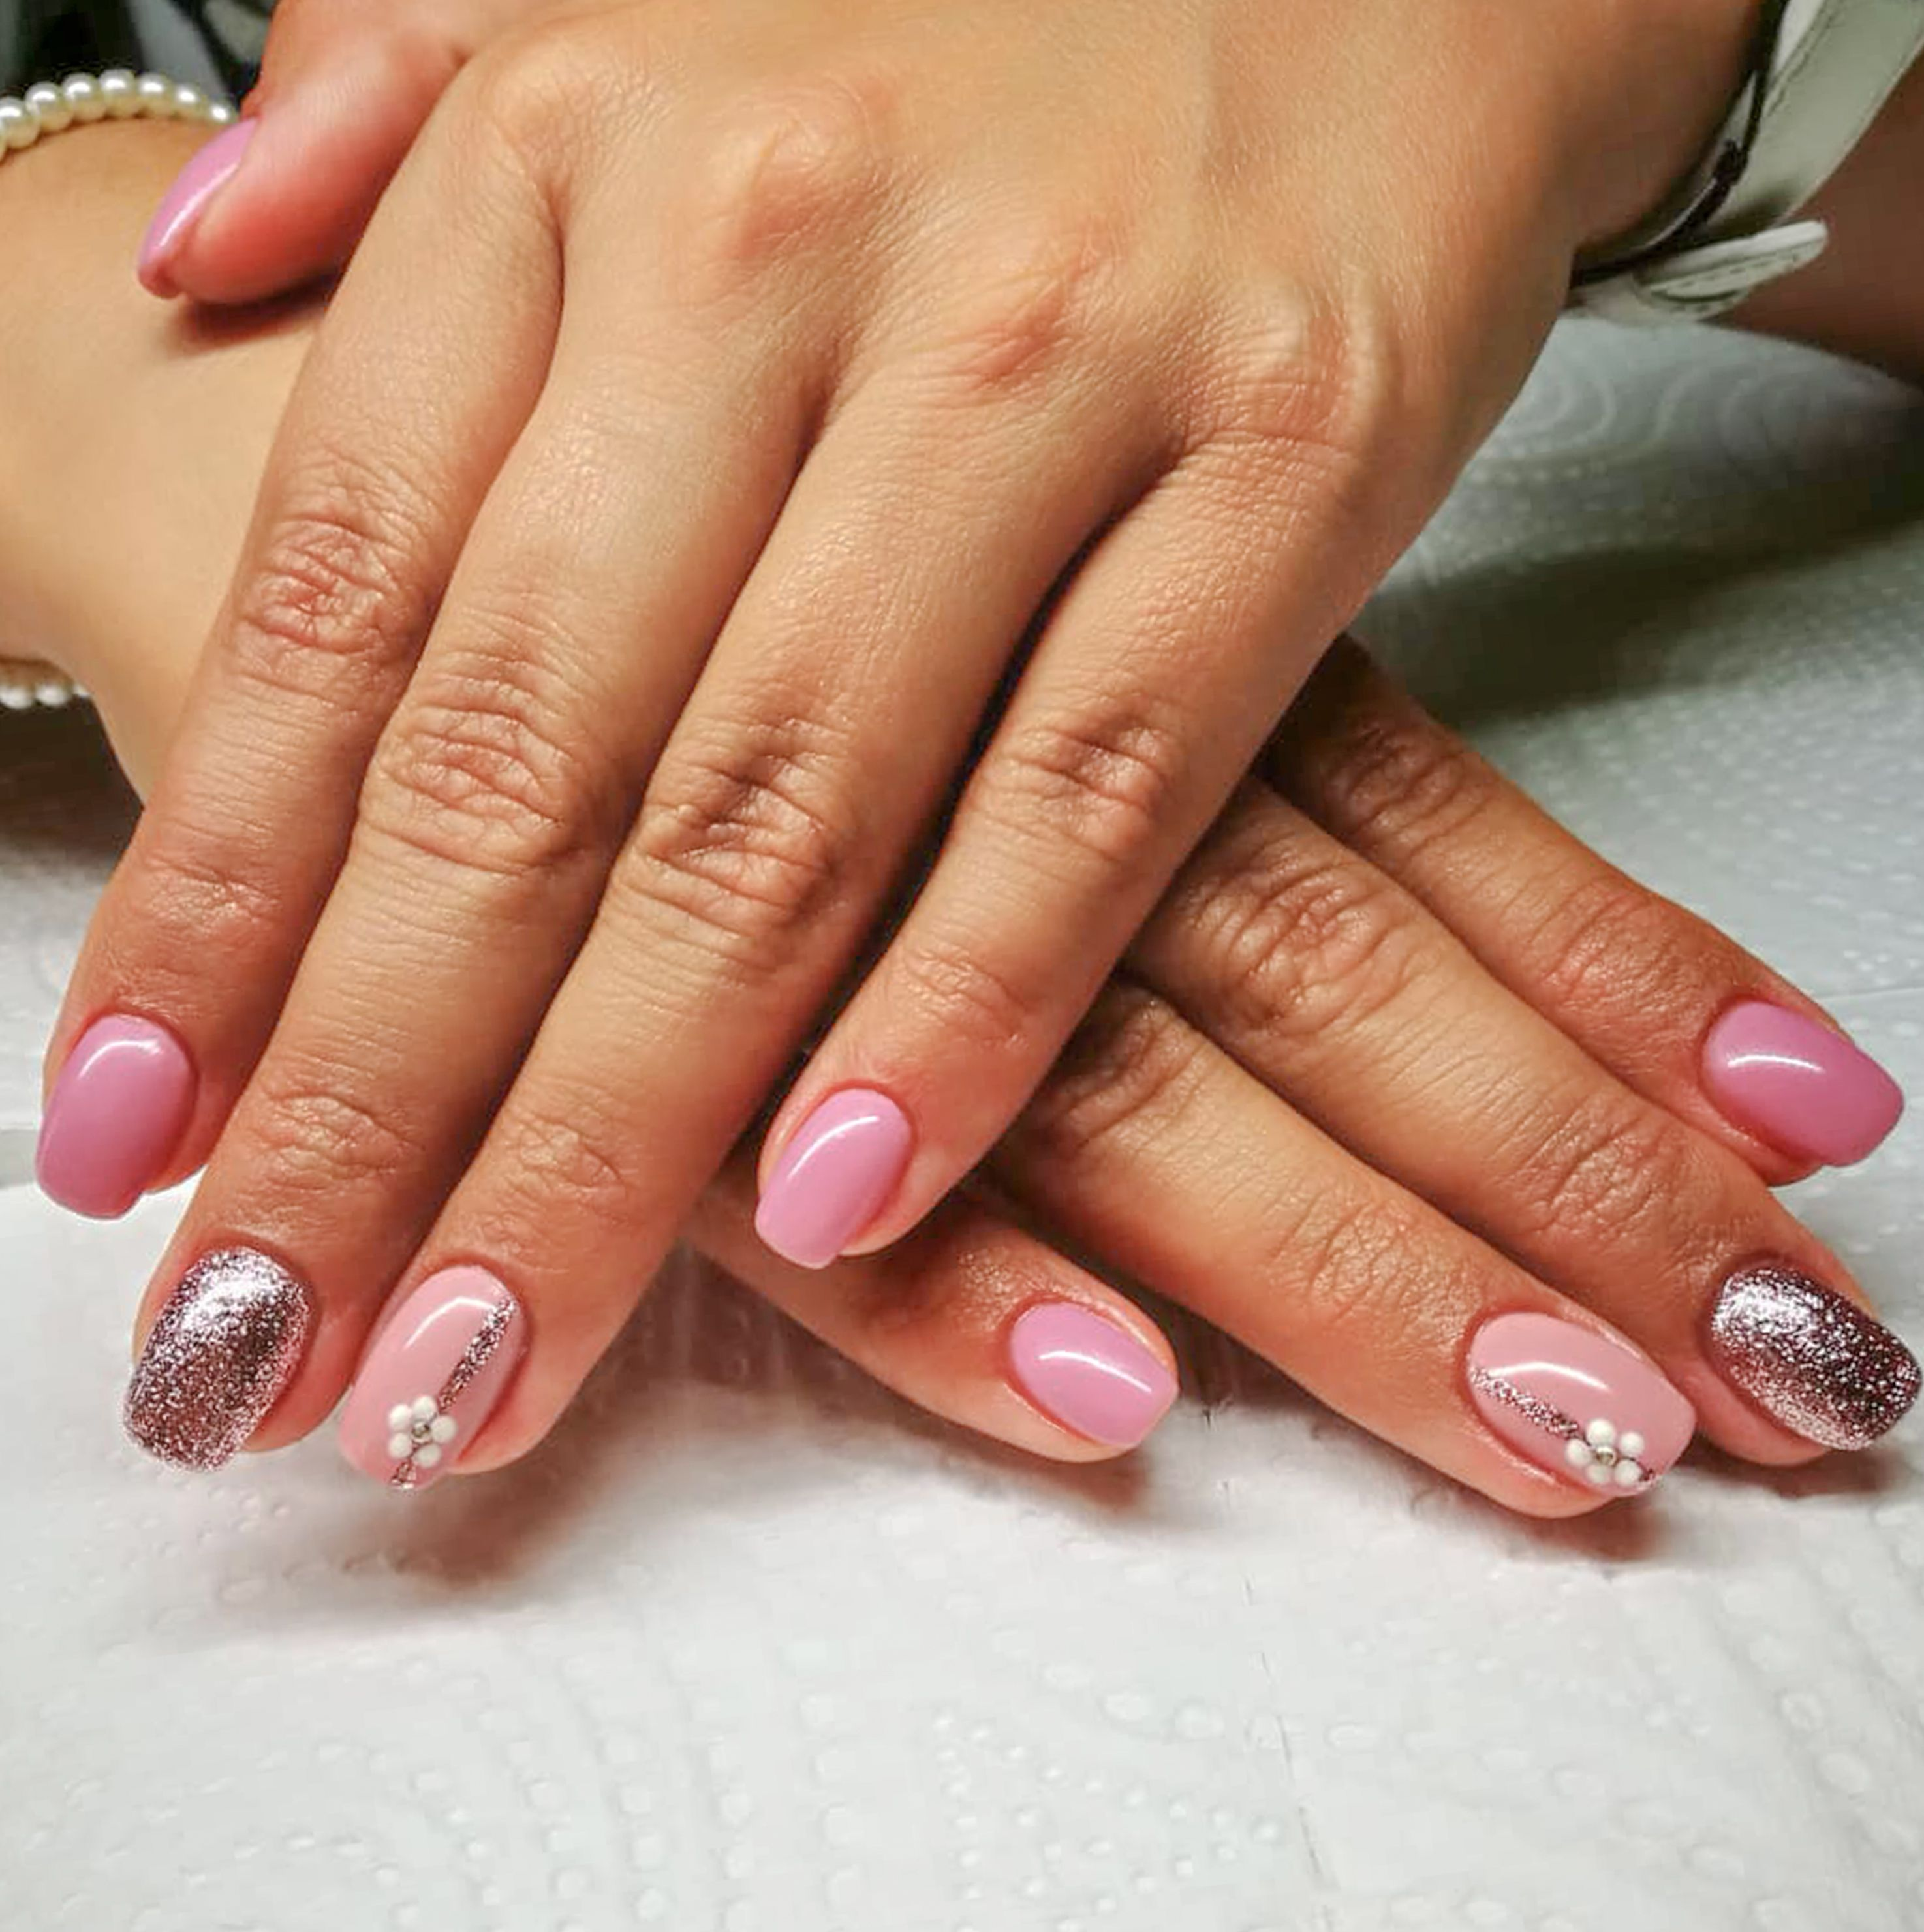 Kombinace Dvou Krasnych Odstinu Ruzove S Kapkou Stribrne Proste Neodolatelna Combination Of Two Lovely Shades Of Pink And One Shiny Sil With Images Nail Art Nehet Nehty